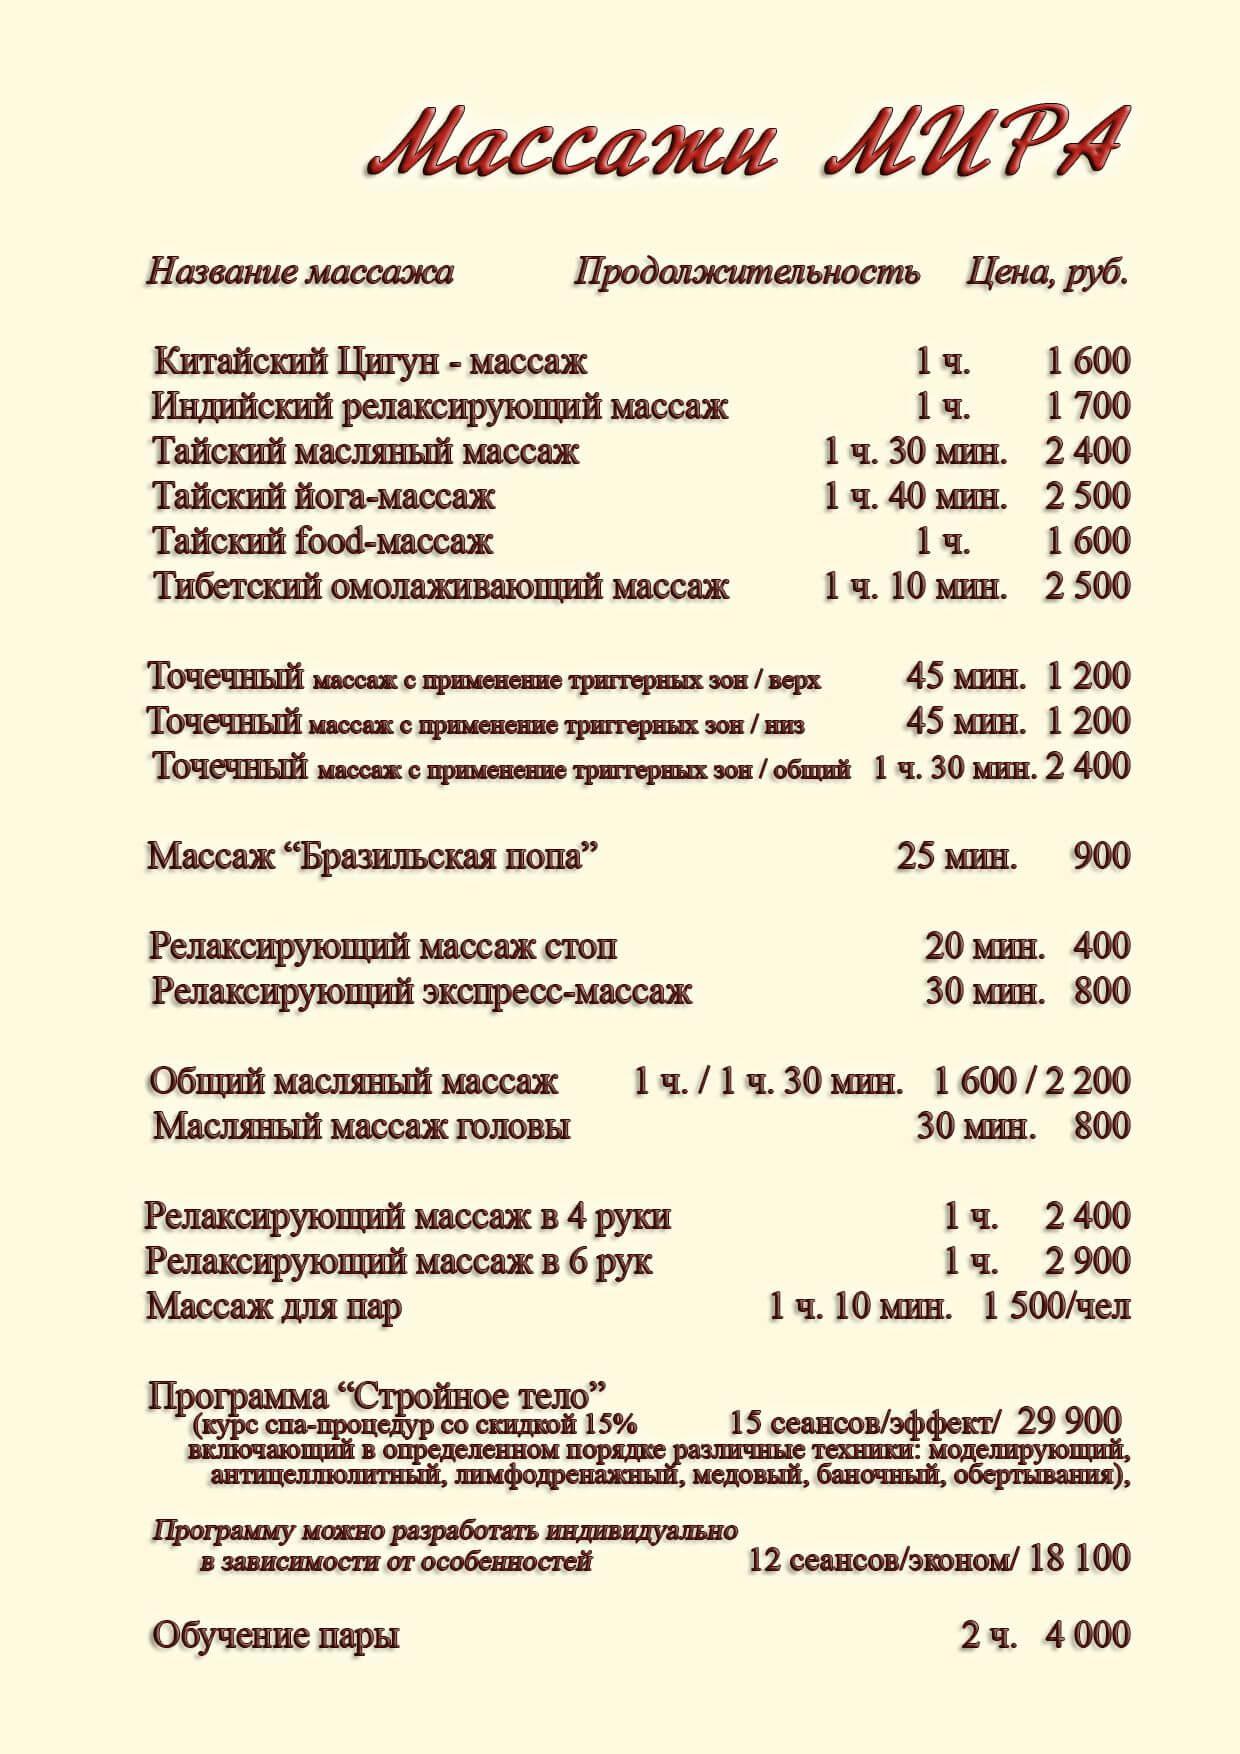 Цены на массажи мира - Гранд отель Гагра - отель европейского уровня в Абхазии (Grand Hotel Gagra)